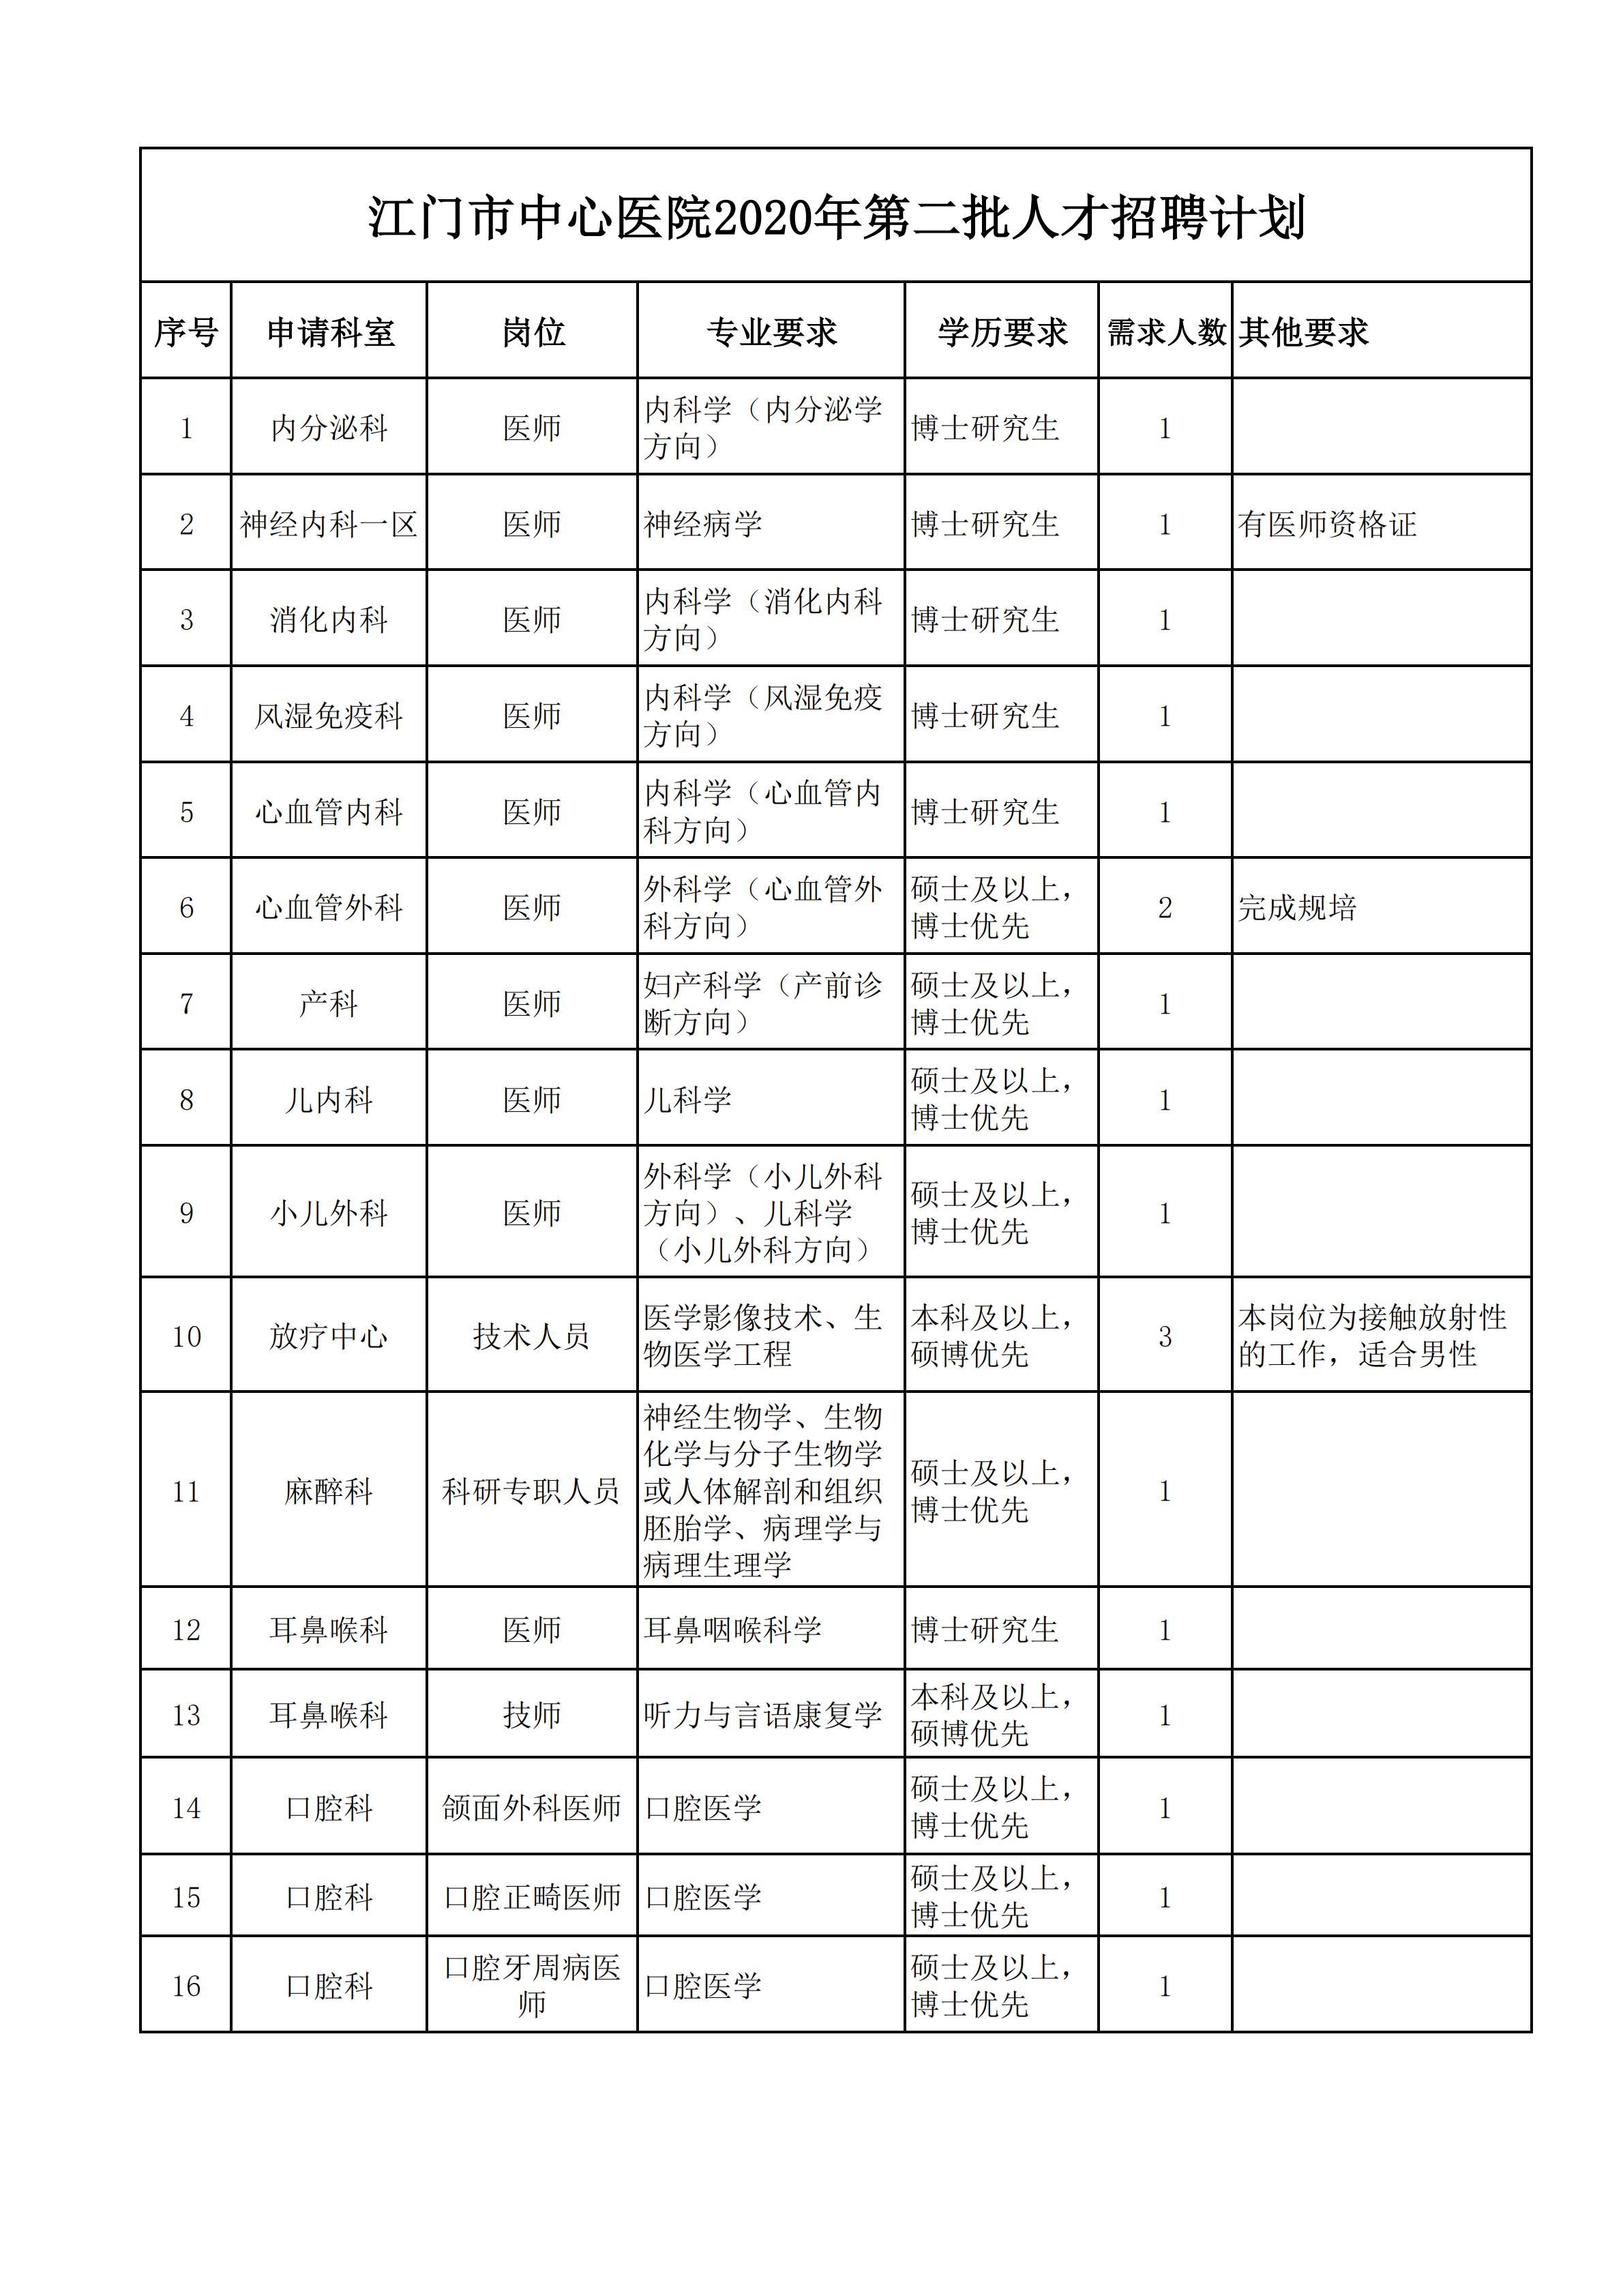 2020年江门市中心医院第二批人才招聘公告图1